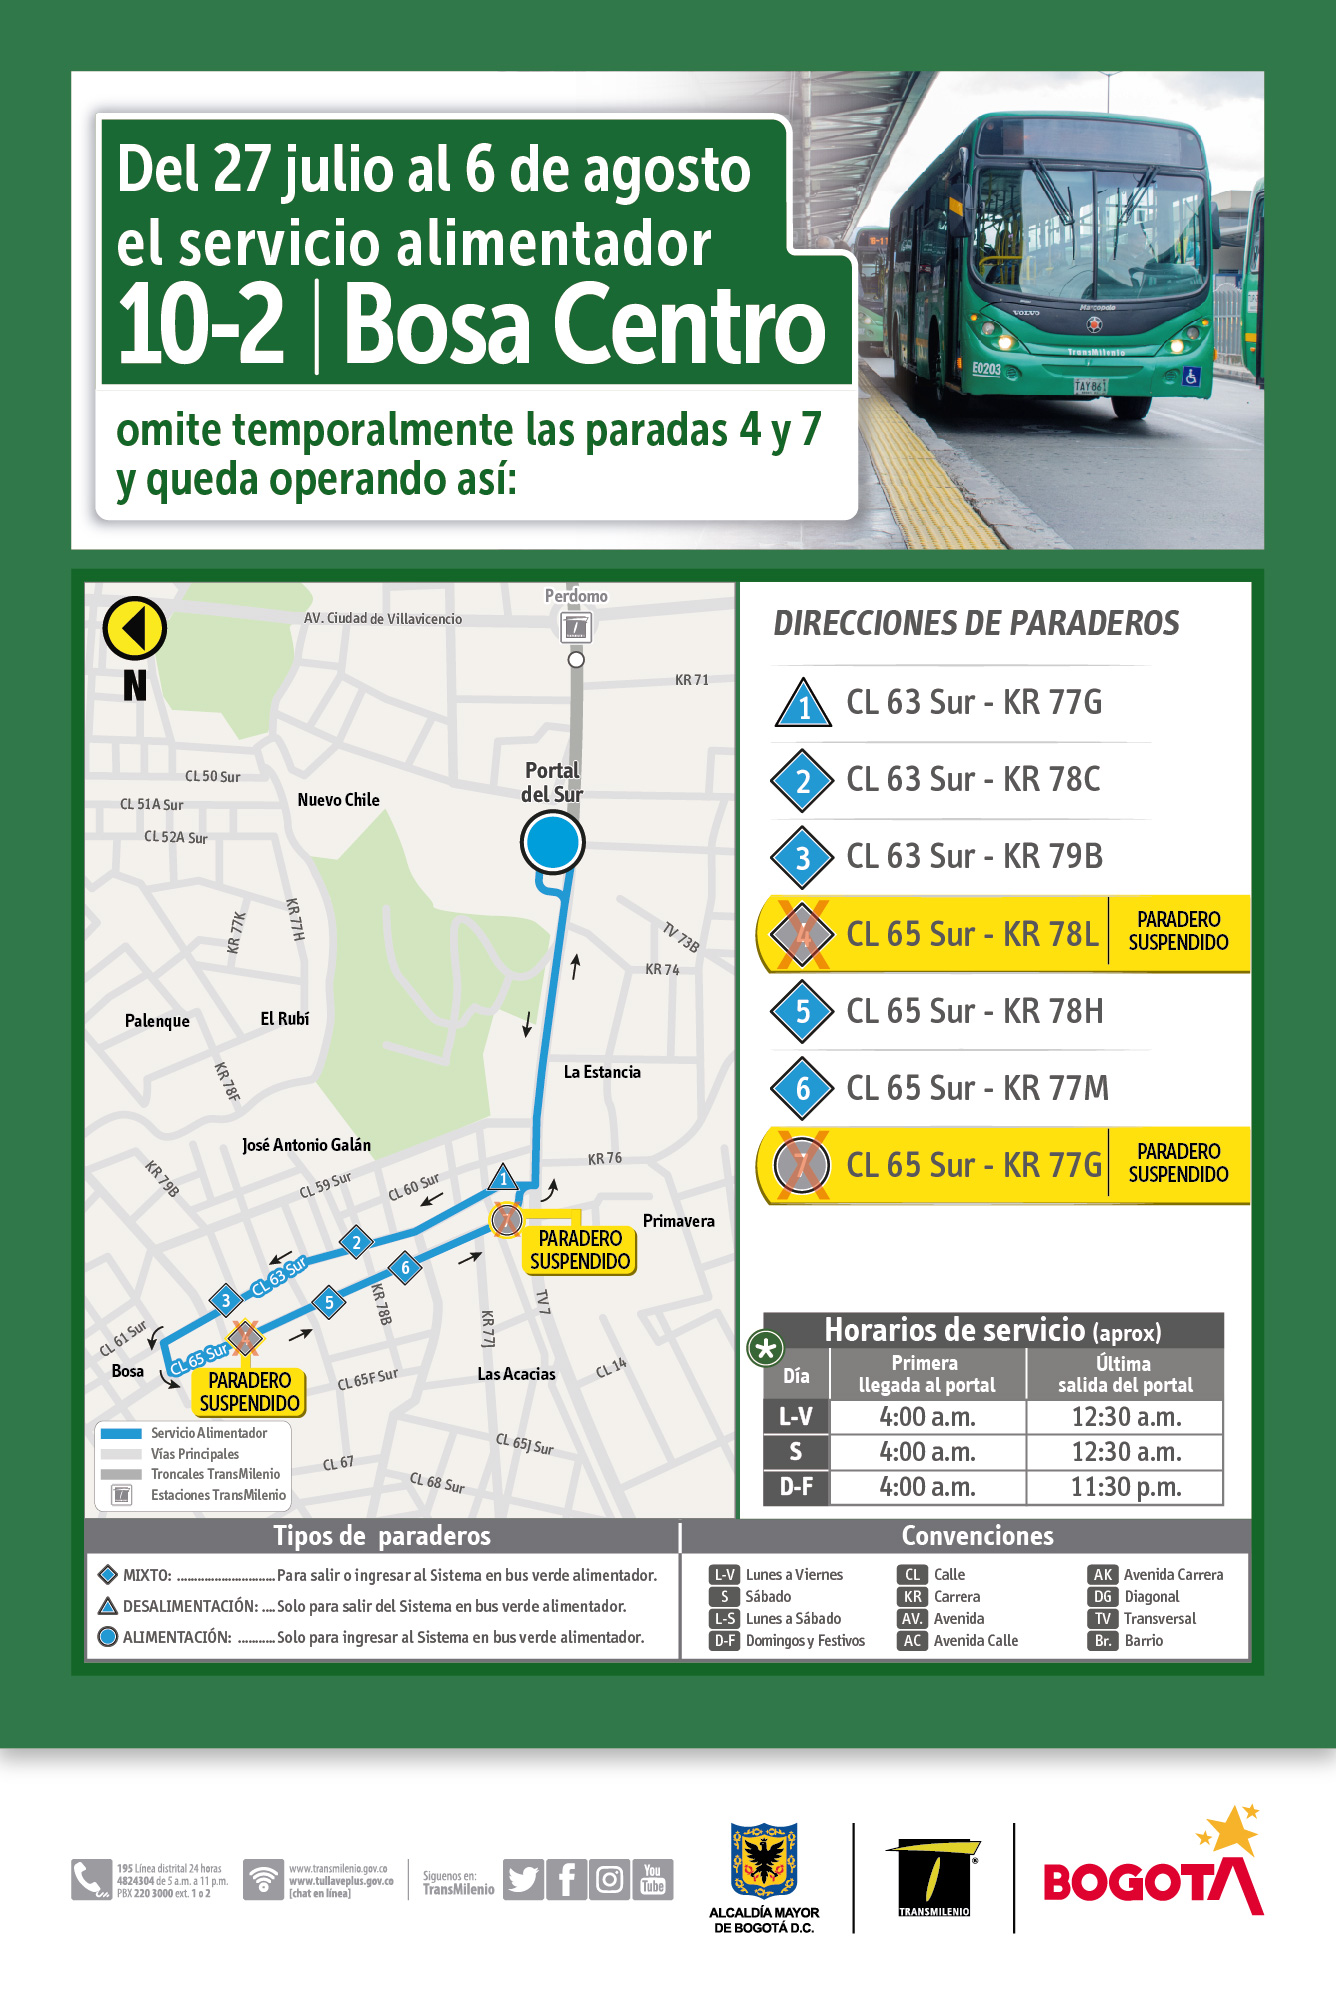 Mapa de  la ruta 10-2 con novedad de sus paraderos